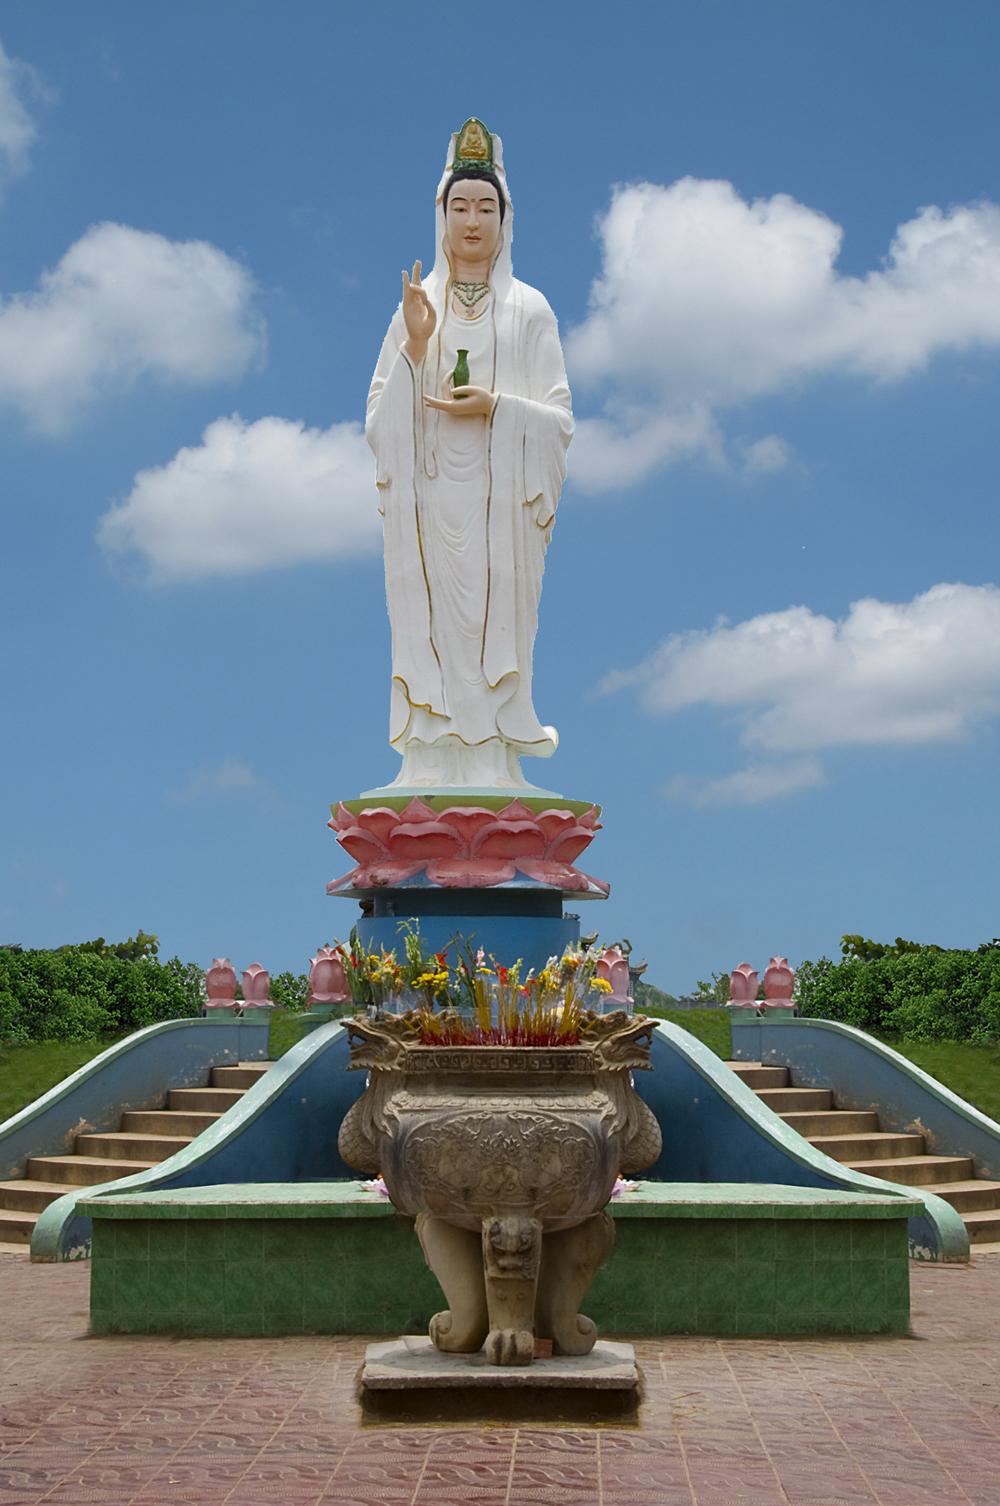 Ảnh 30. Tôn tượng Bồ tát Quán Thế Âm